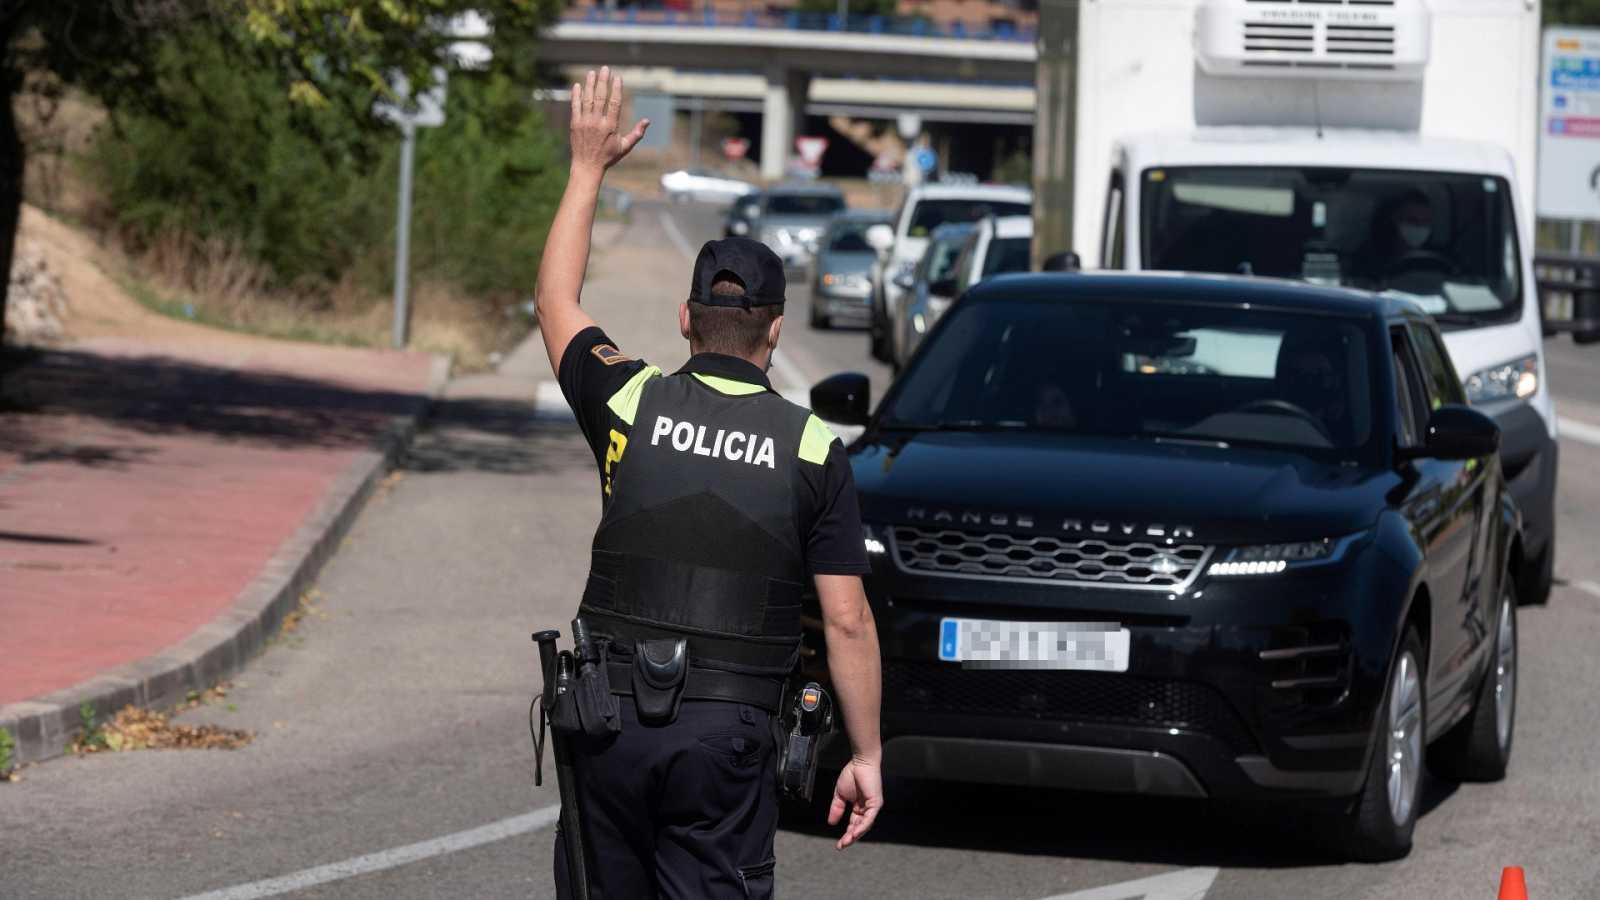 Cae la movilidad en Madrid con el inicio del confinamiento